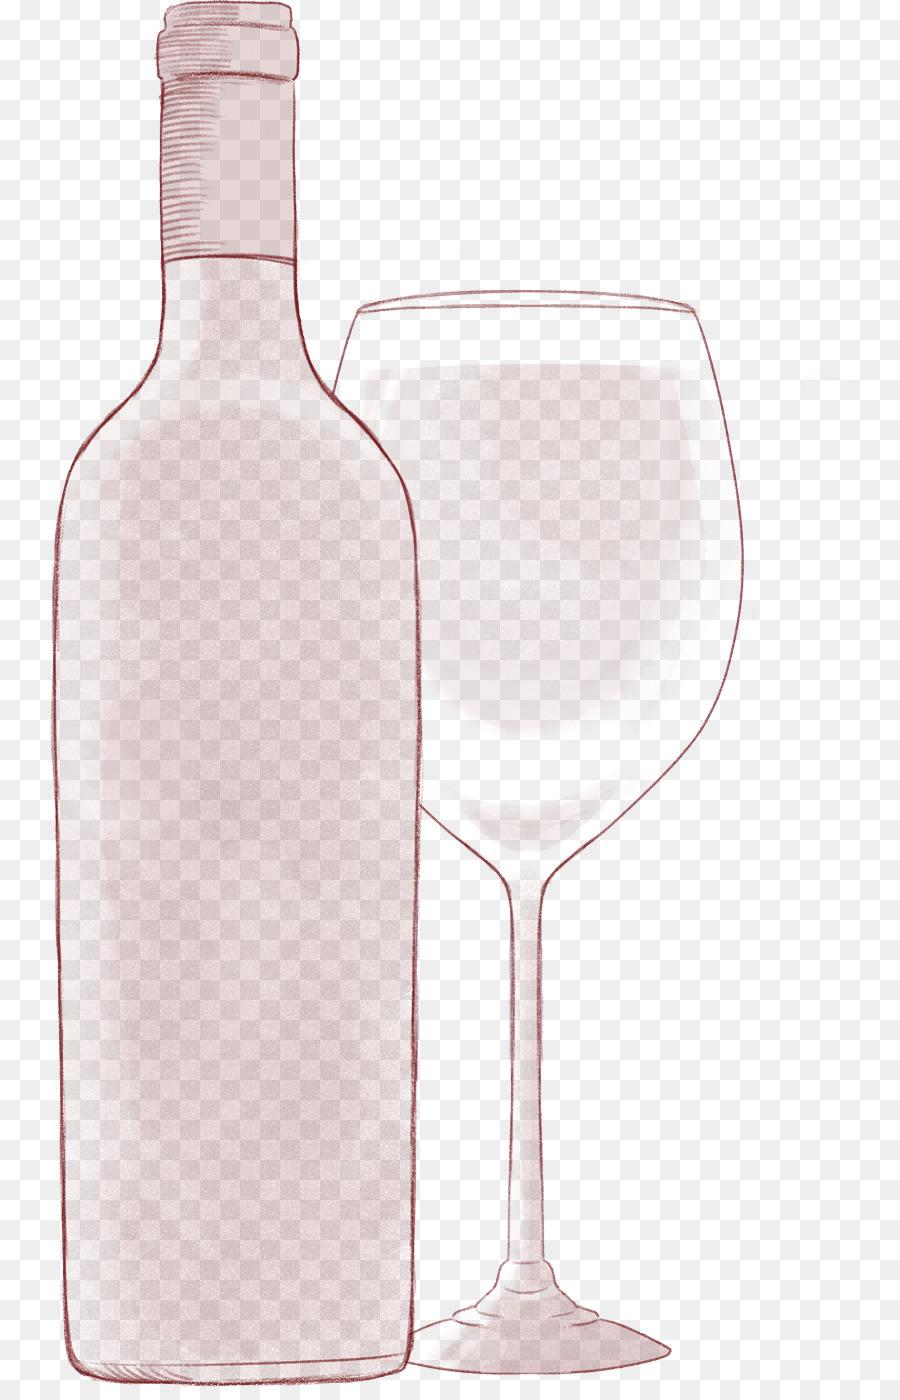 76 Gambar Anggur Sketsa Terbaik